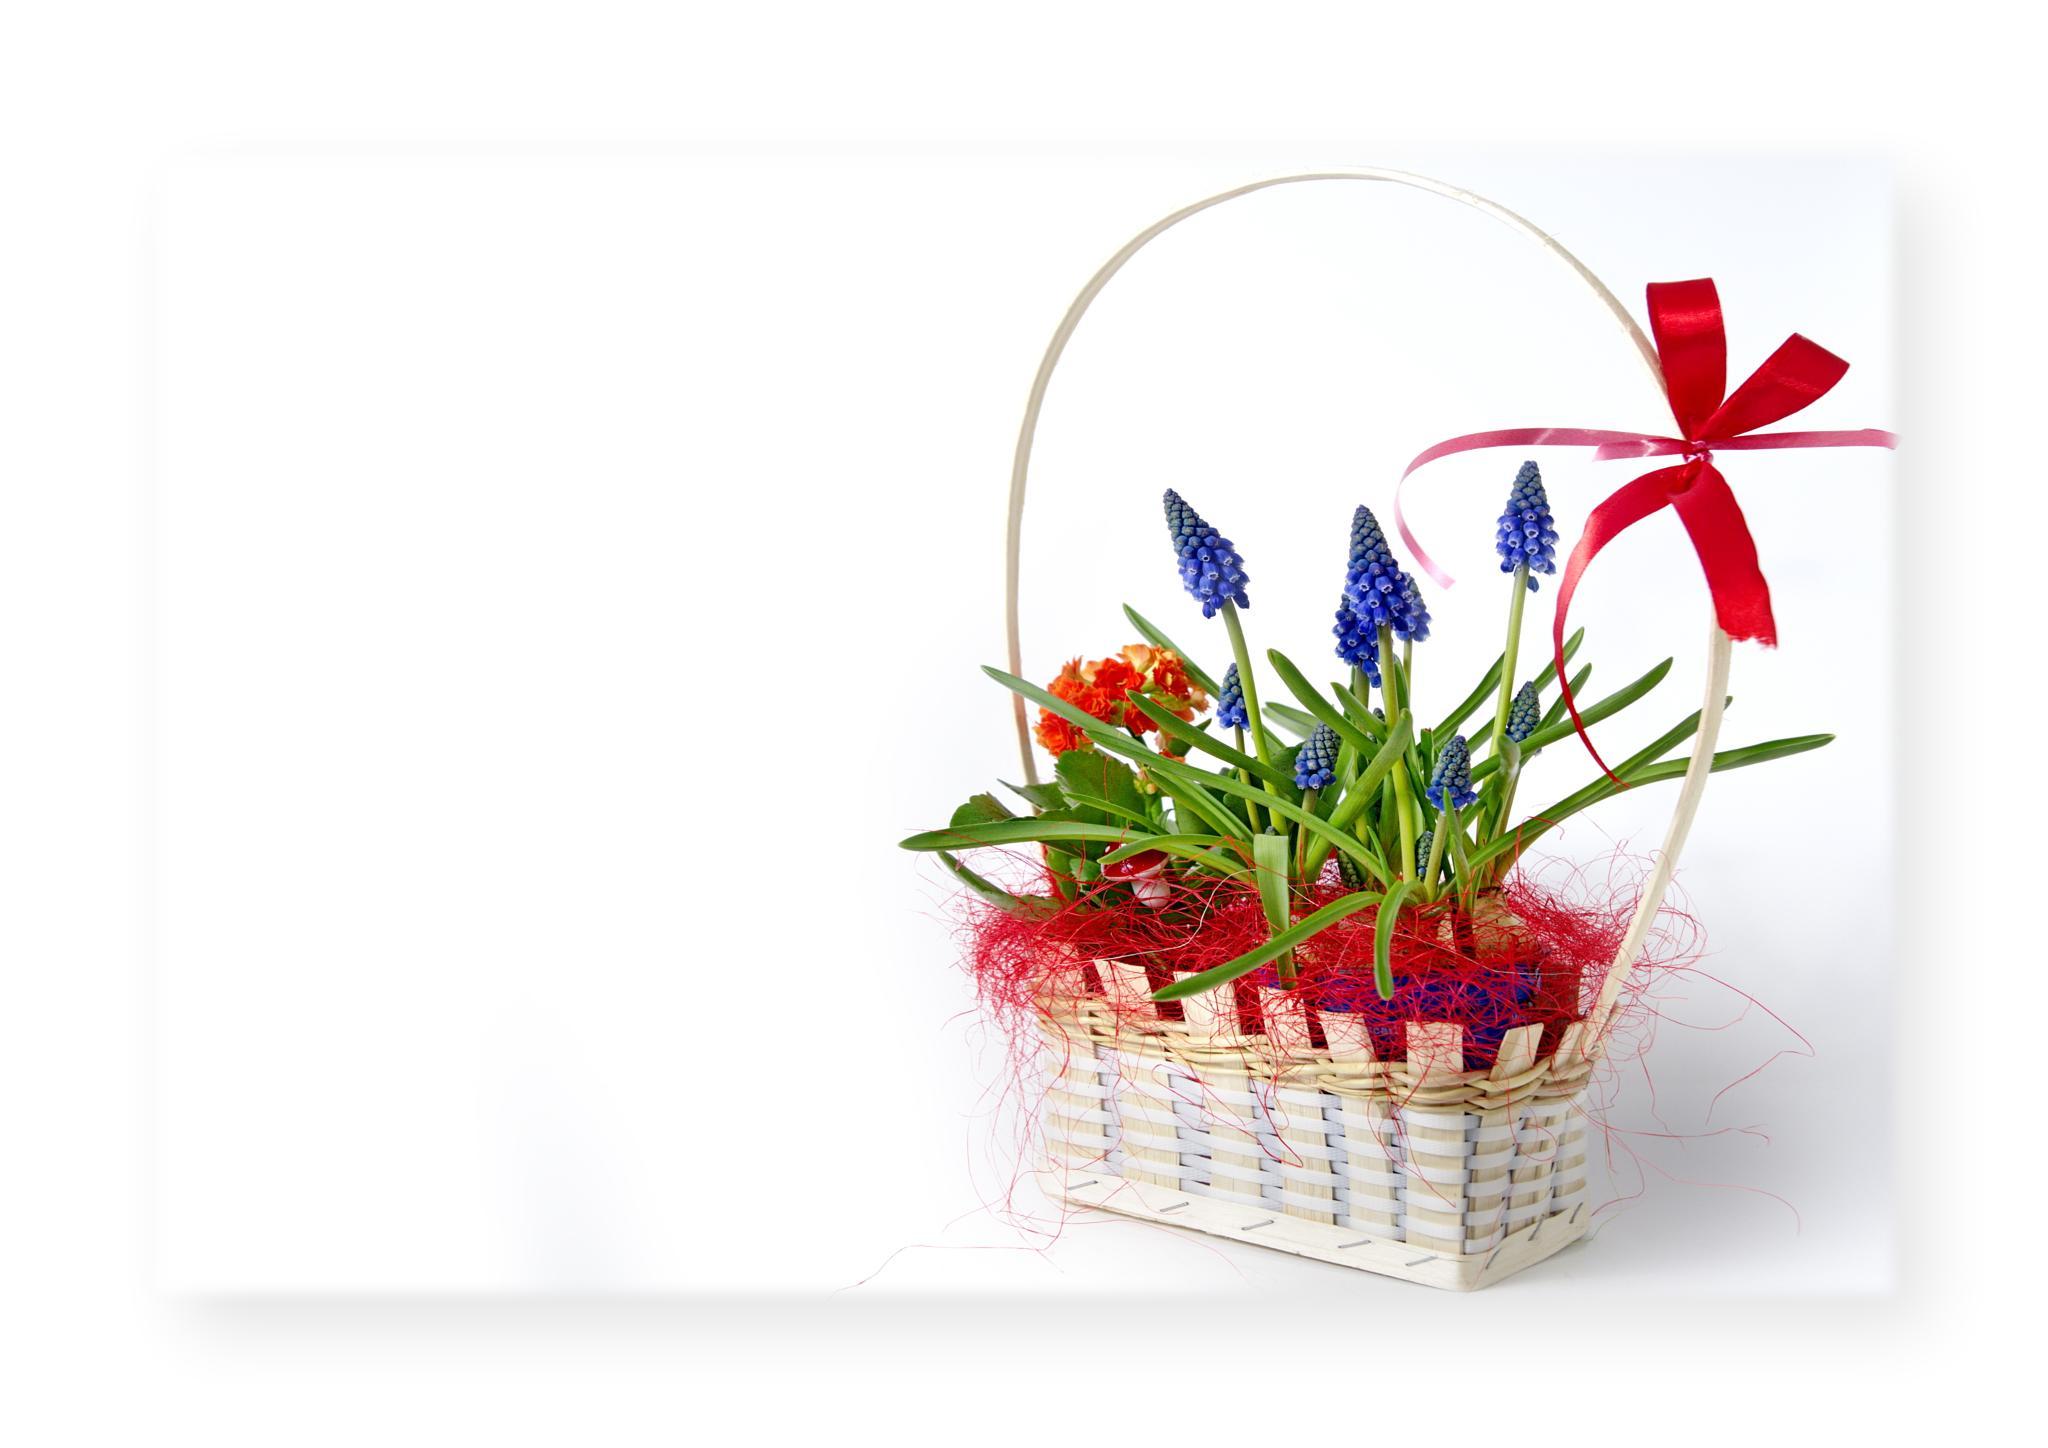 flowers by edyctin